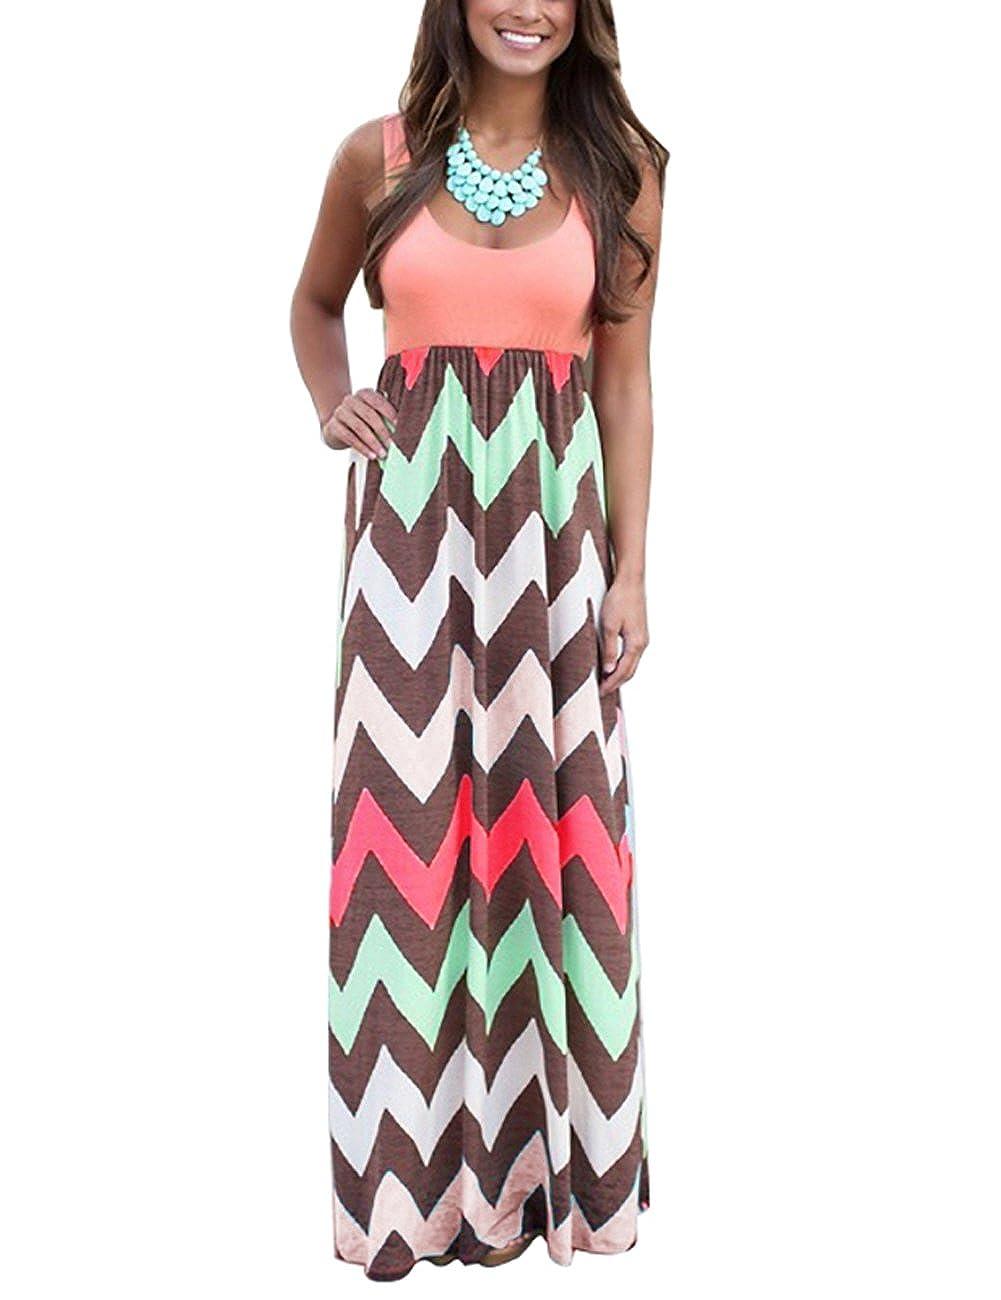 Yidarton Sommerkleid Damen mit V-Ausschnitt Lang High Waist Elastische Striped Sleeveless Beach Kleid Partykleid Elegant